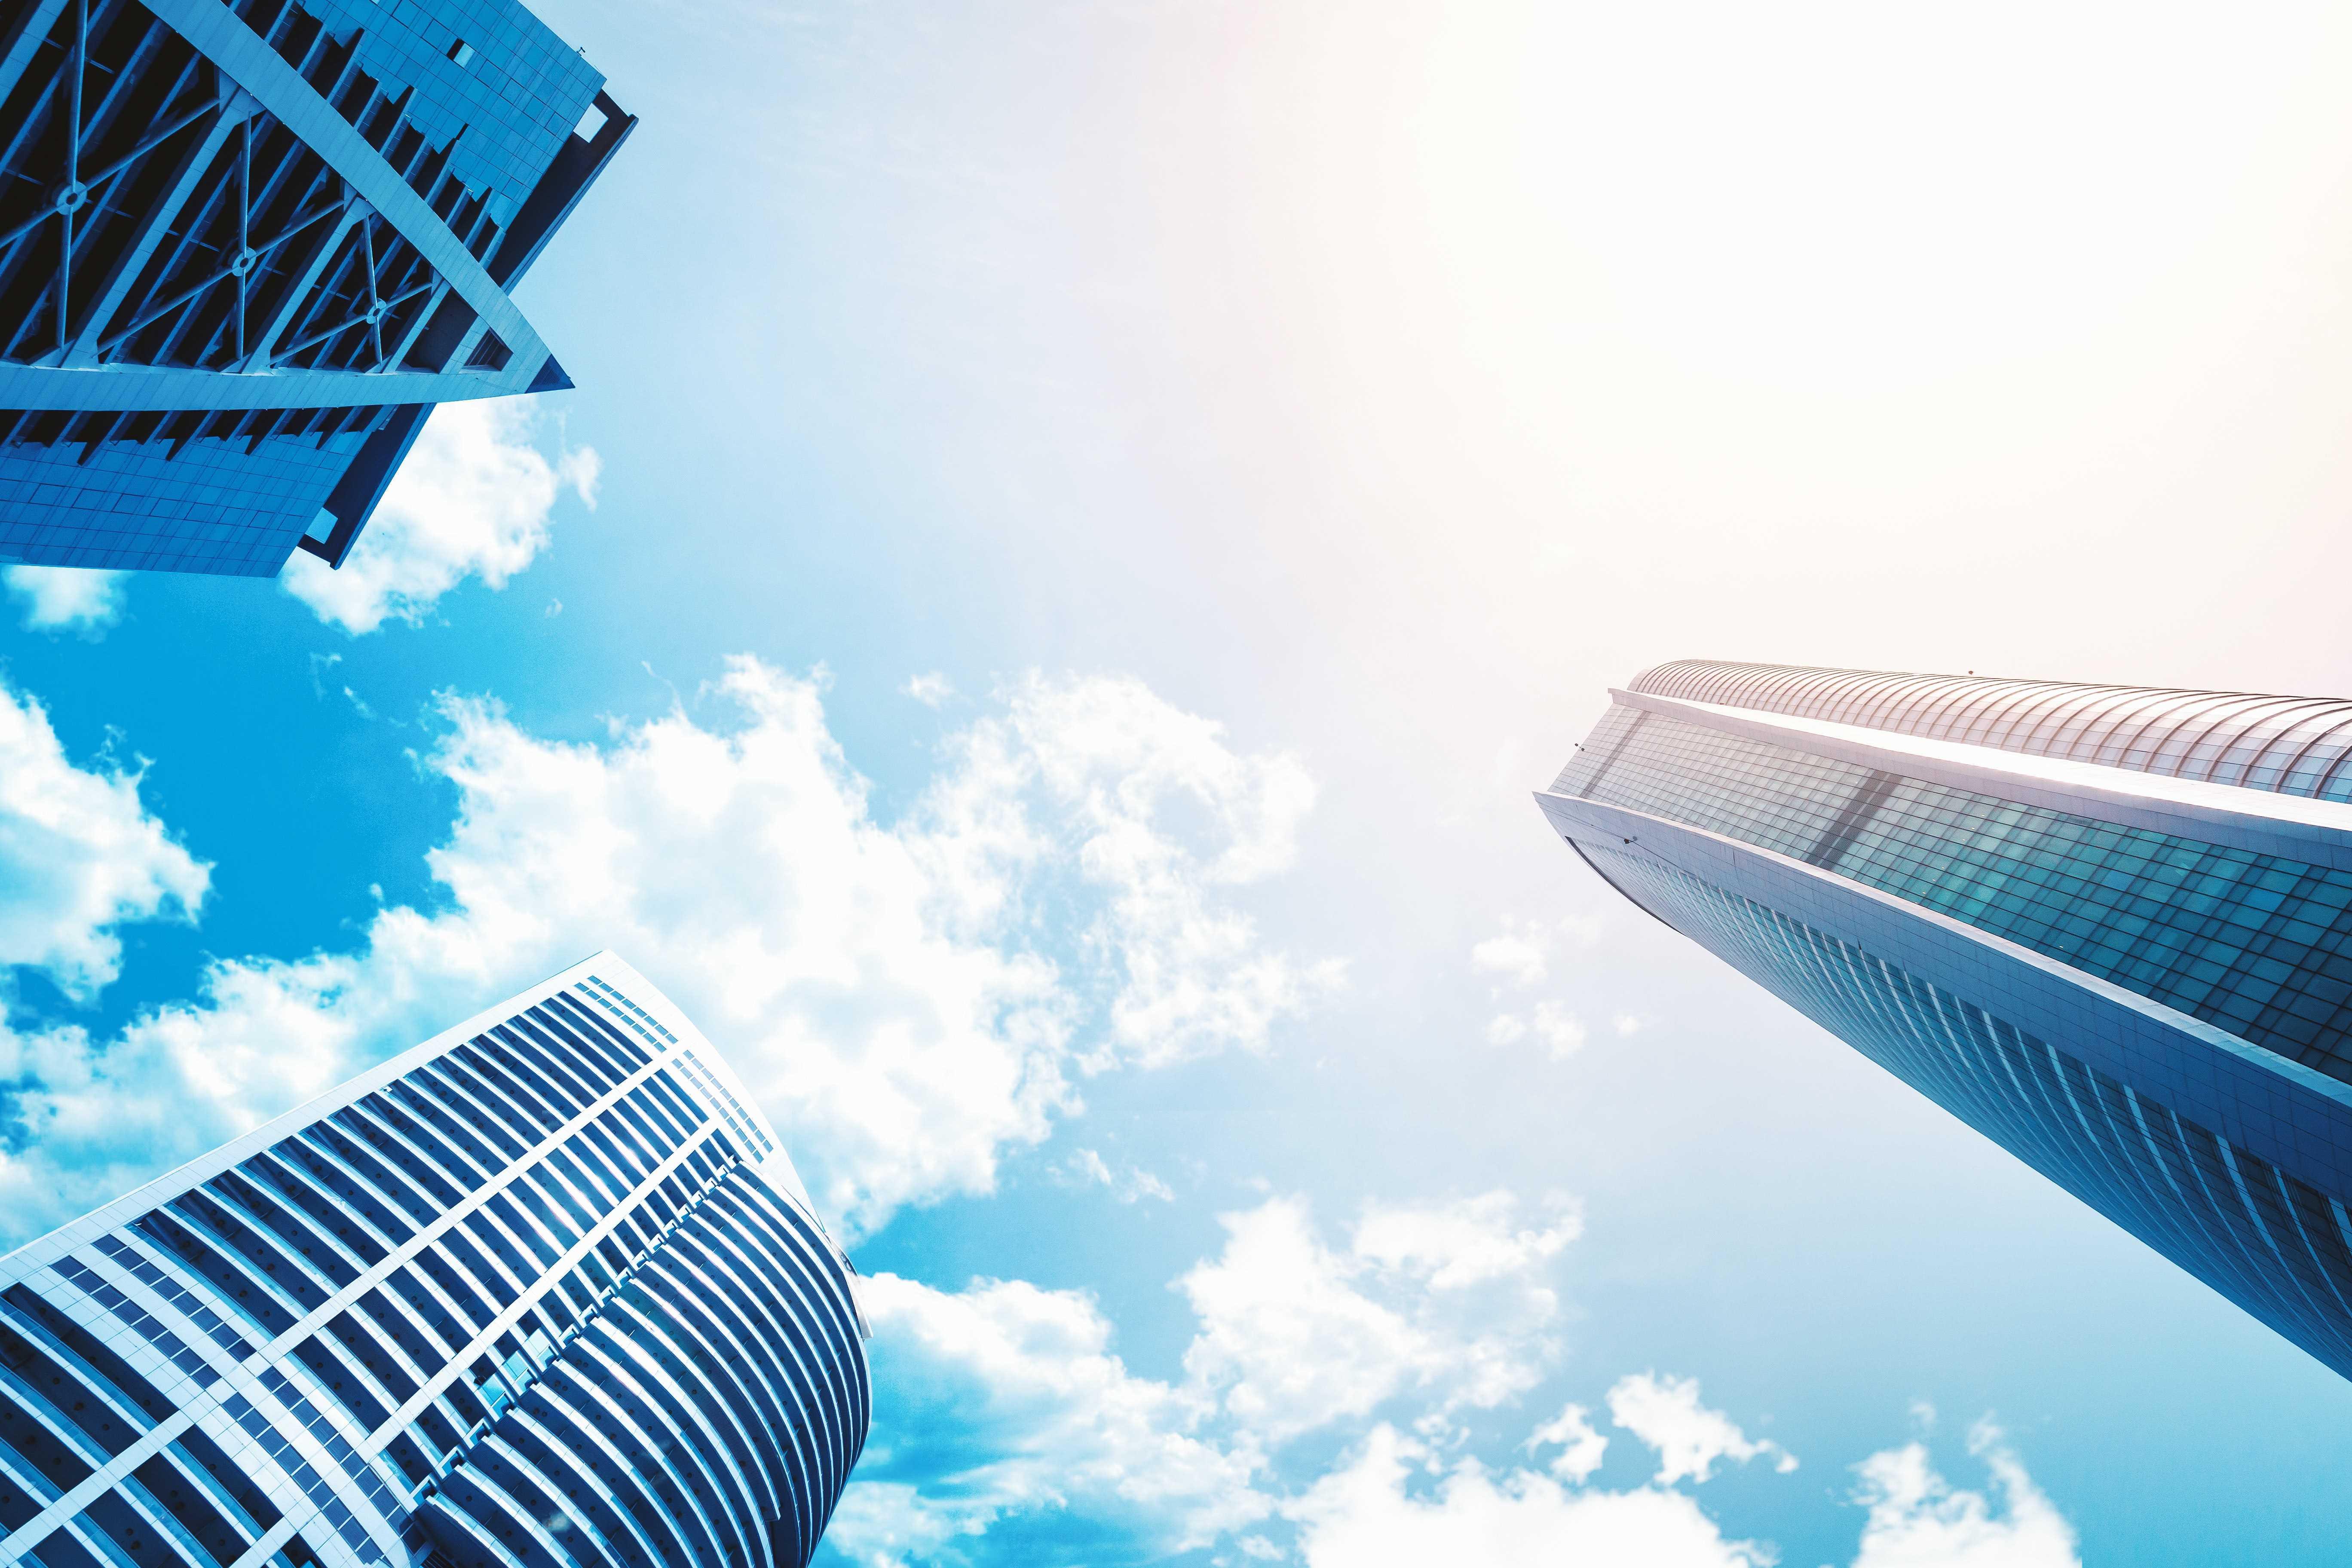 architectural-design-architecture-blue-sky-442577